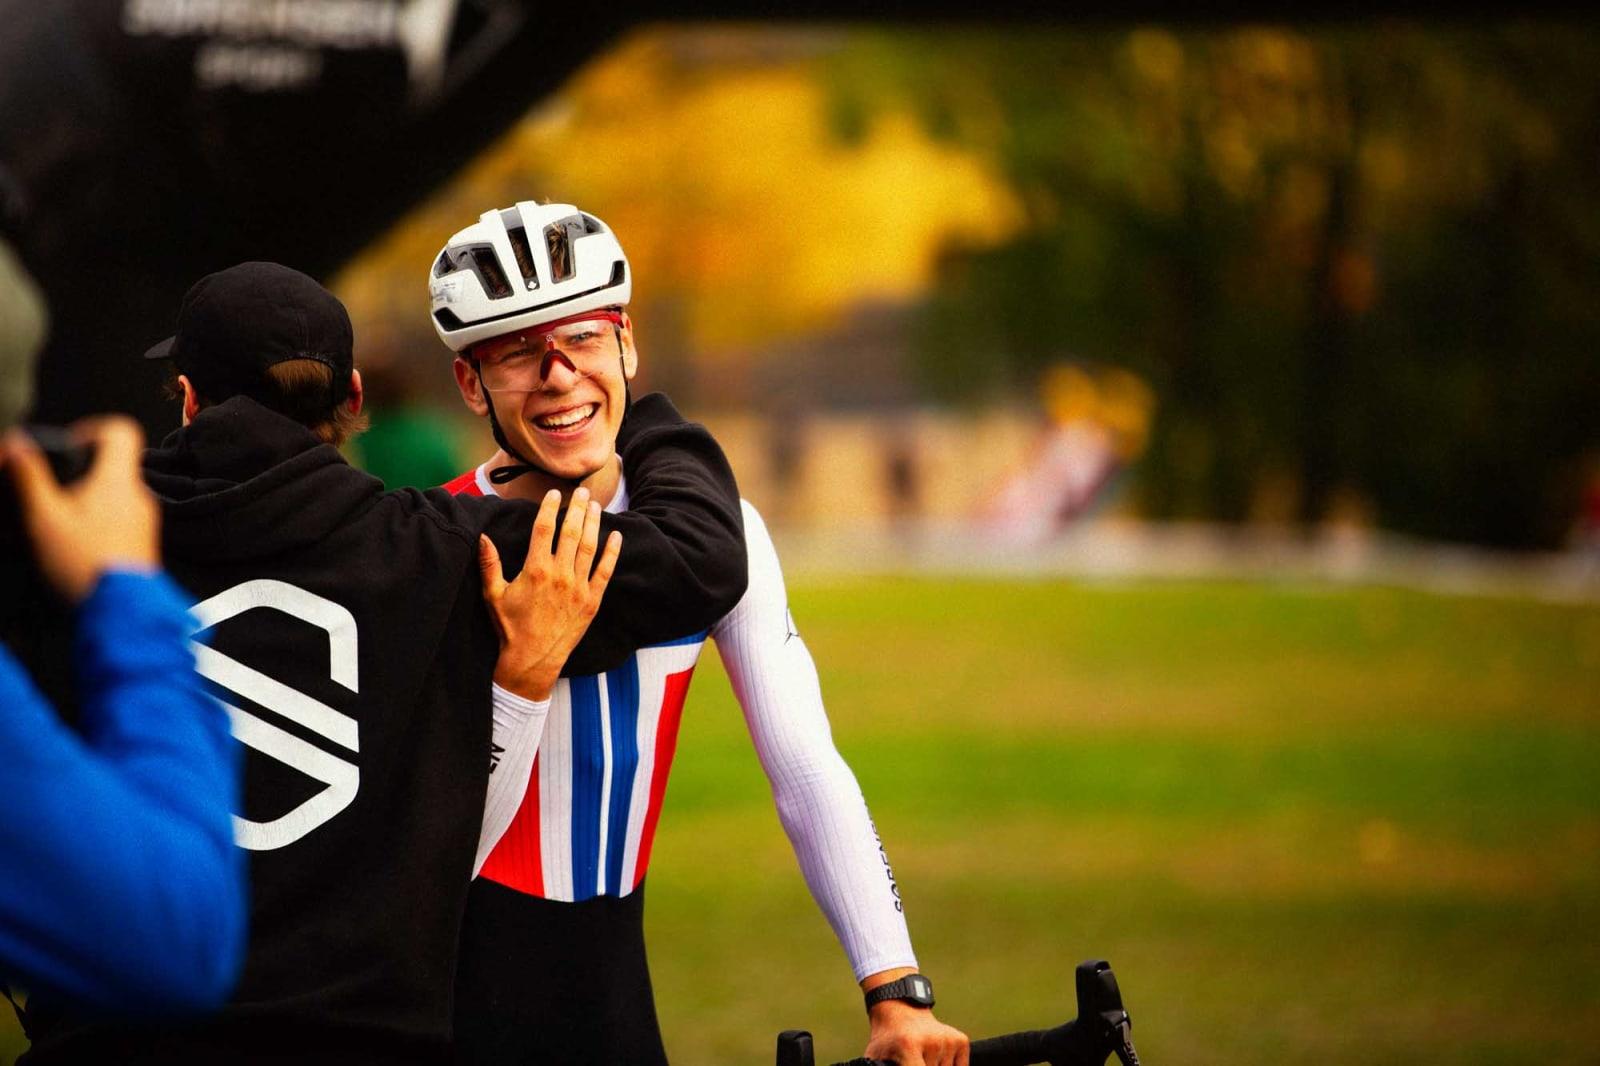 Det var veldig deilig da rittet var over, og jeg var lettet over at jeg greide å ta seieren, for jeg syklet helt på limiten hele veien.